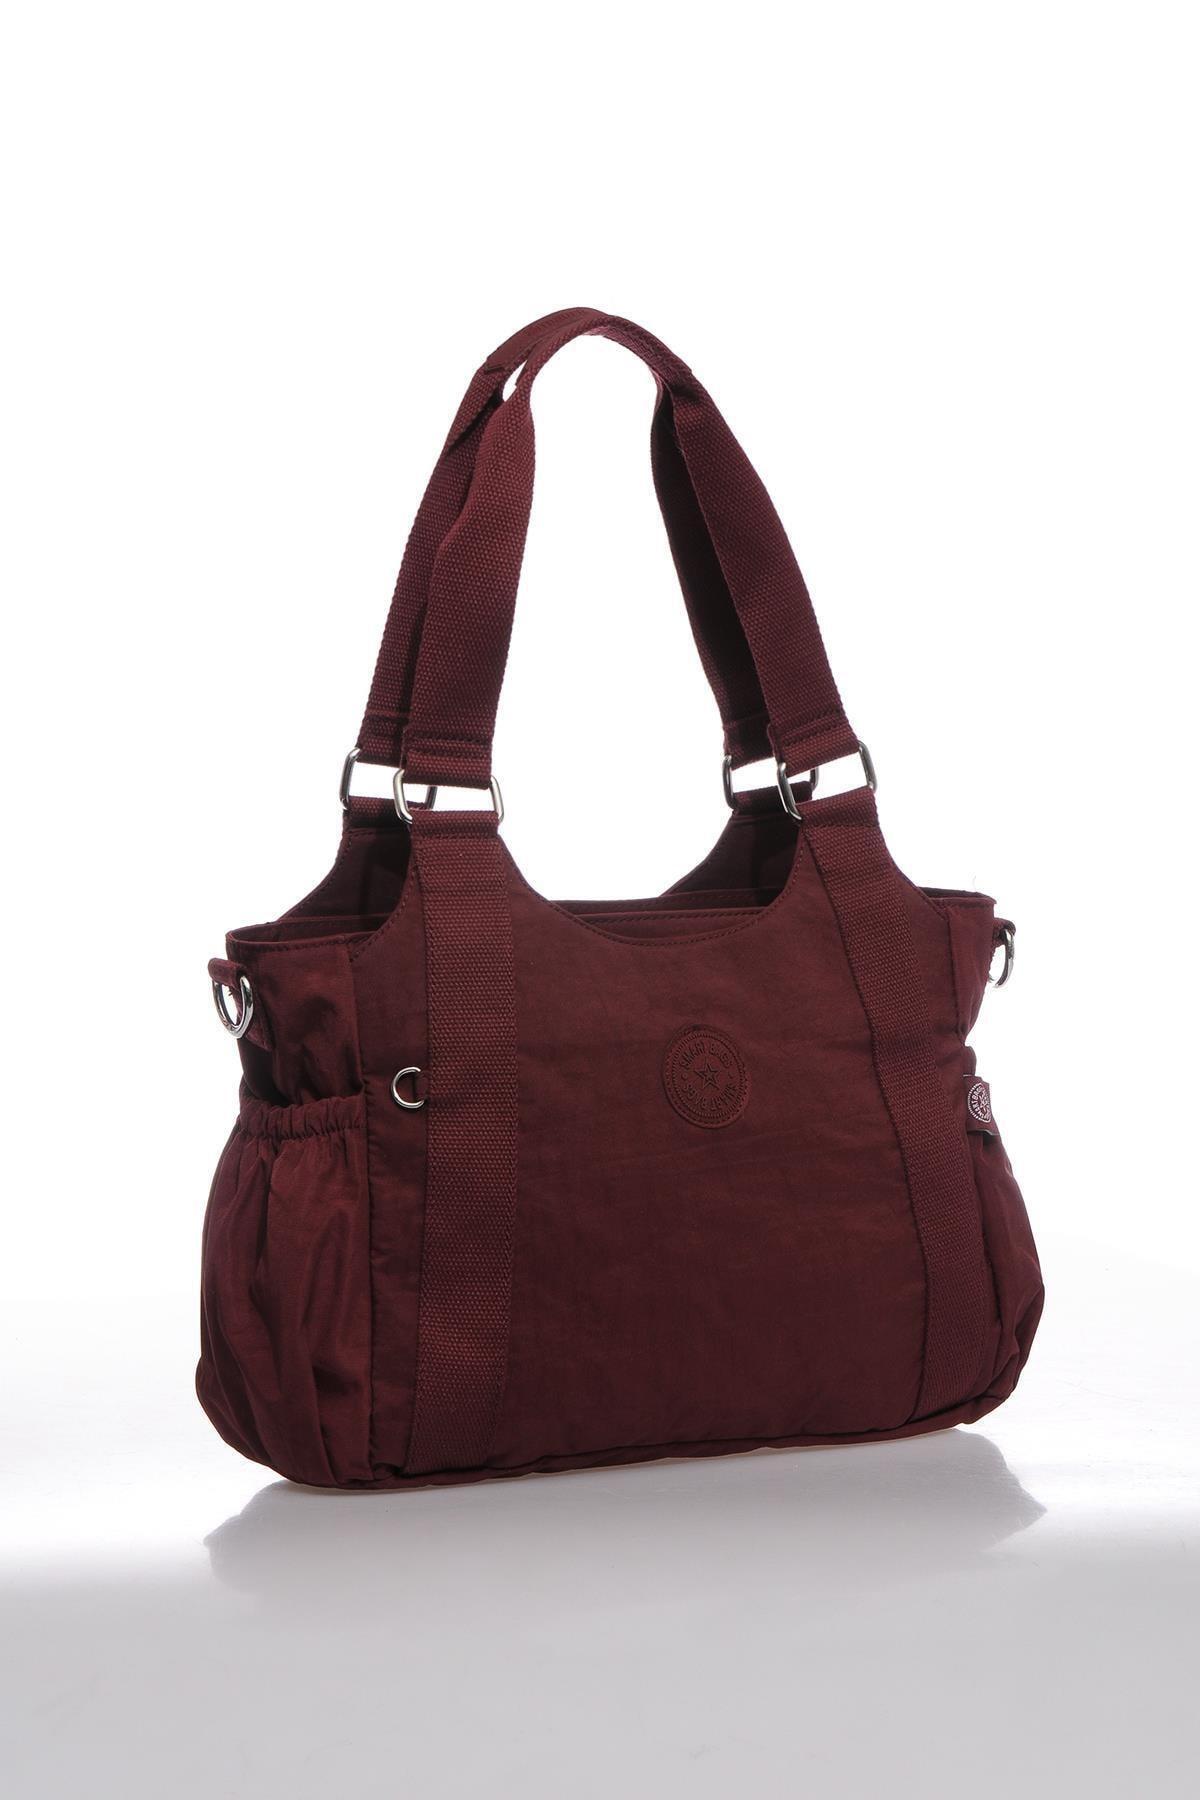 SMART BAGS Smbk1163-0021 Bordo Kadın Omuz Çantası 2